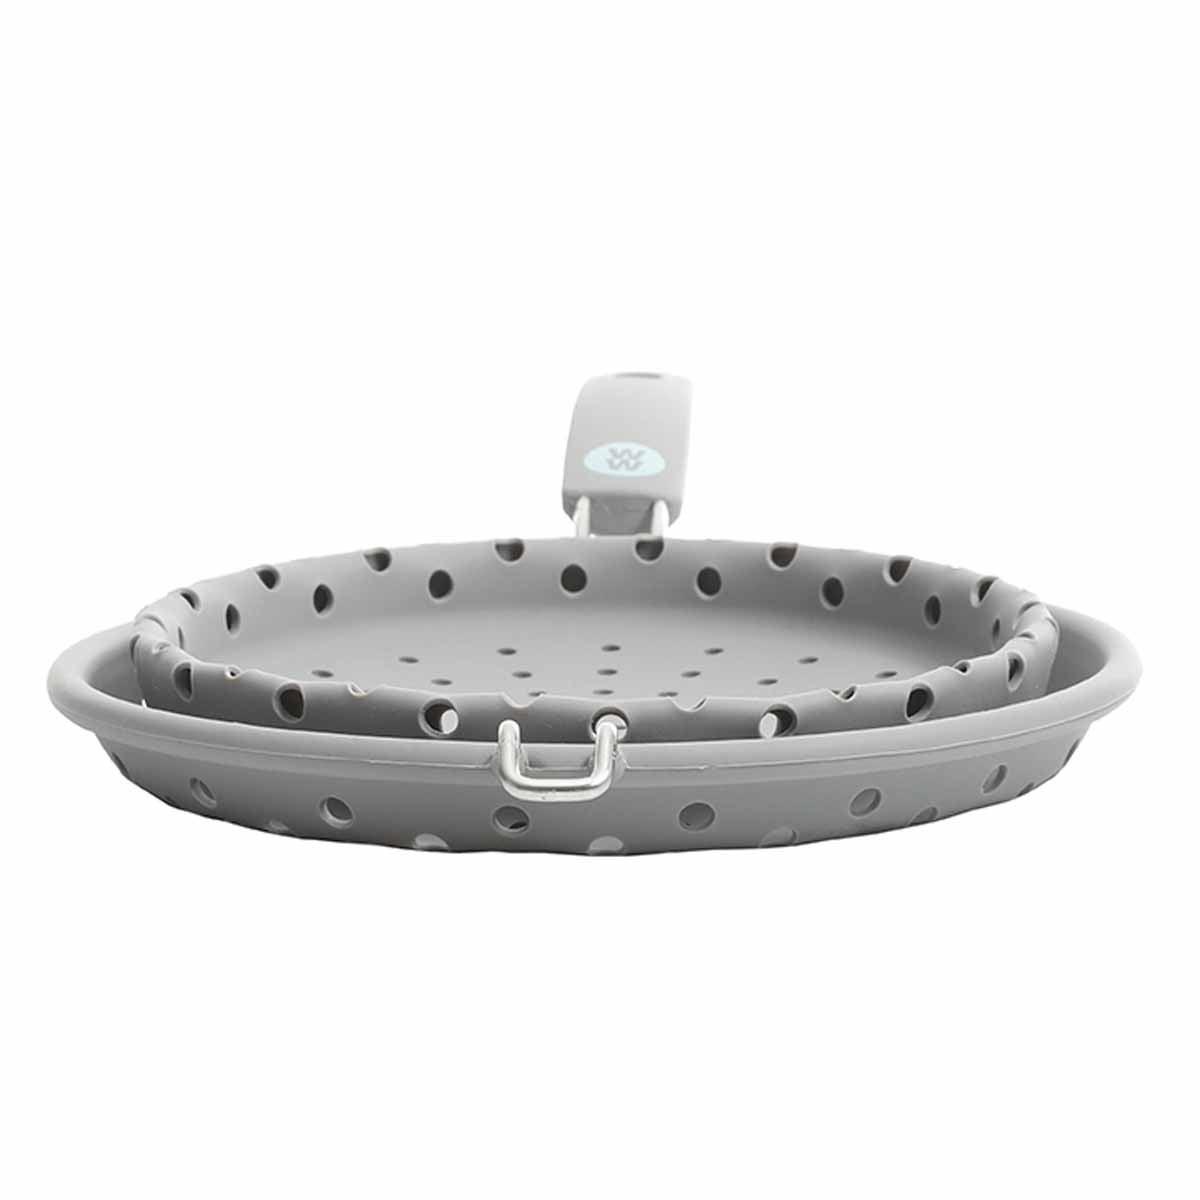 Silicone Steamer Basket & Colander - alternate view